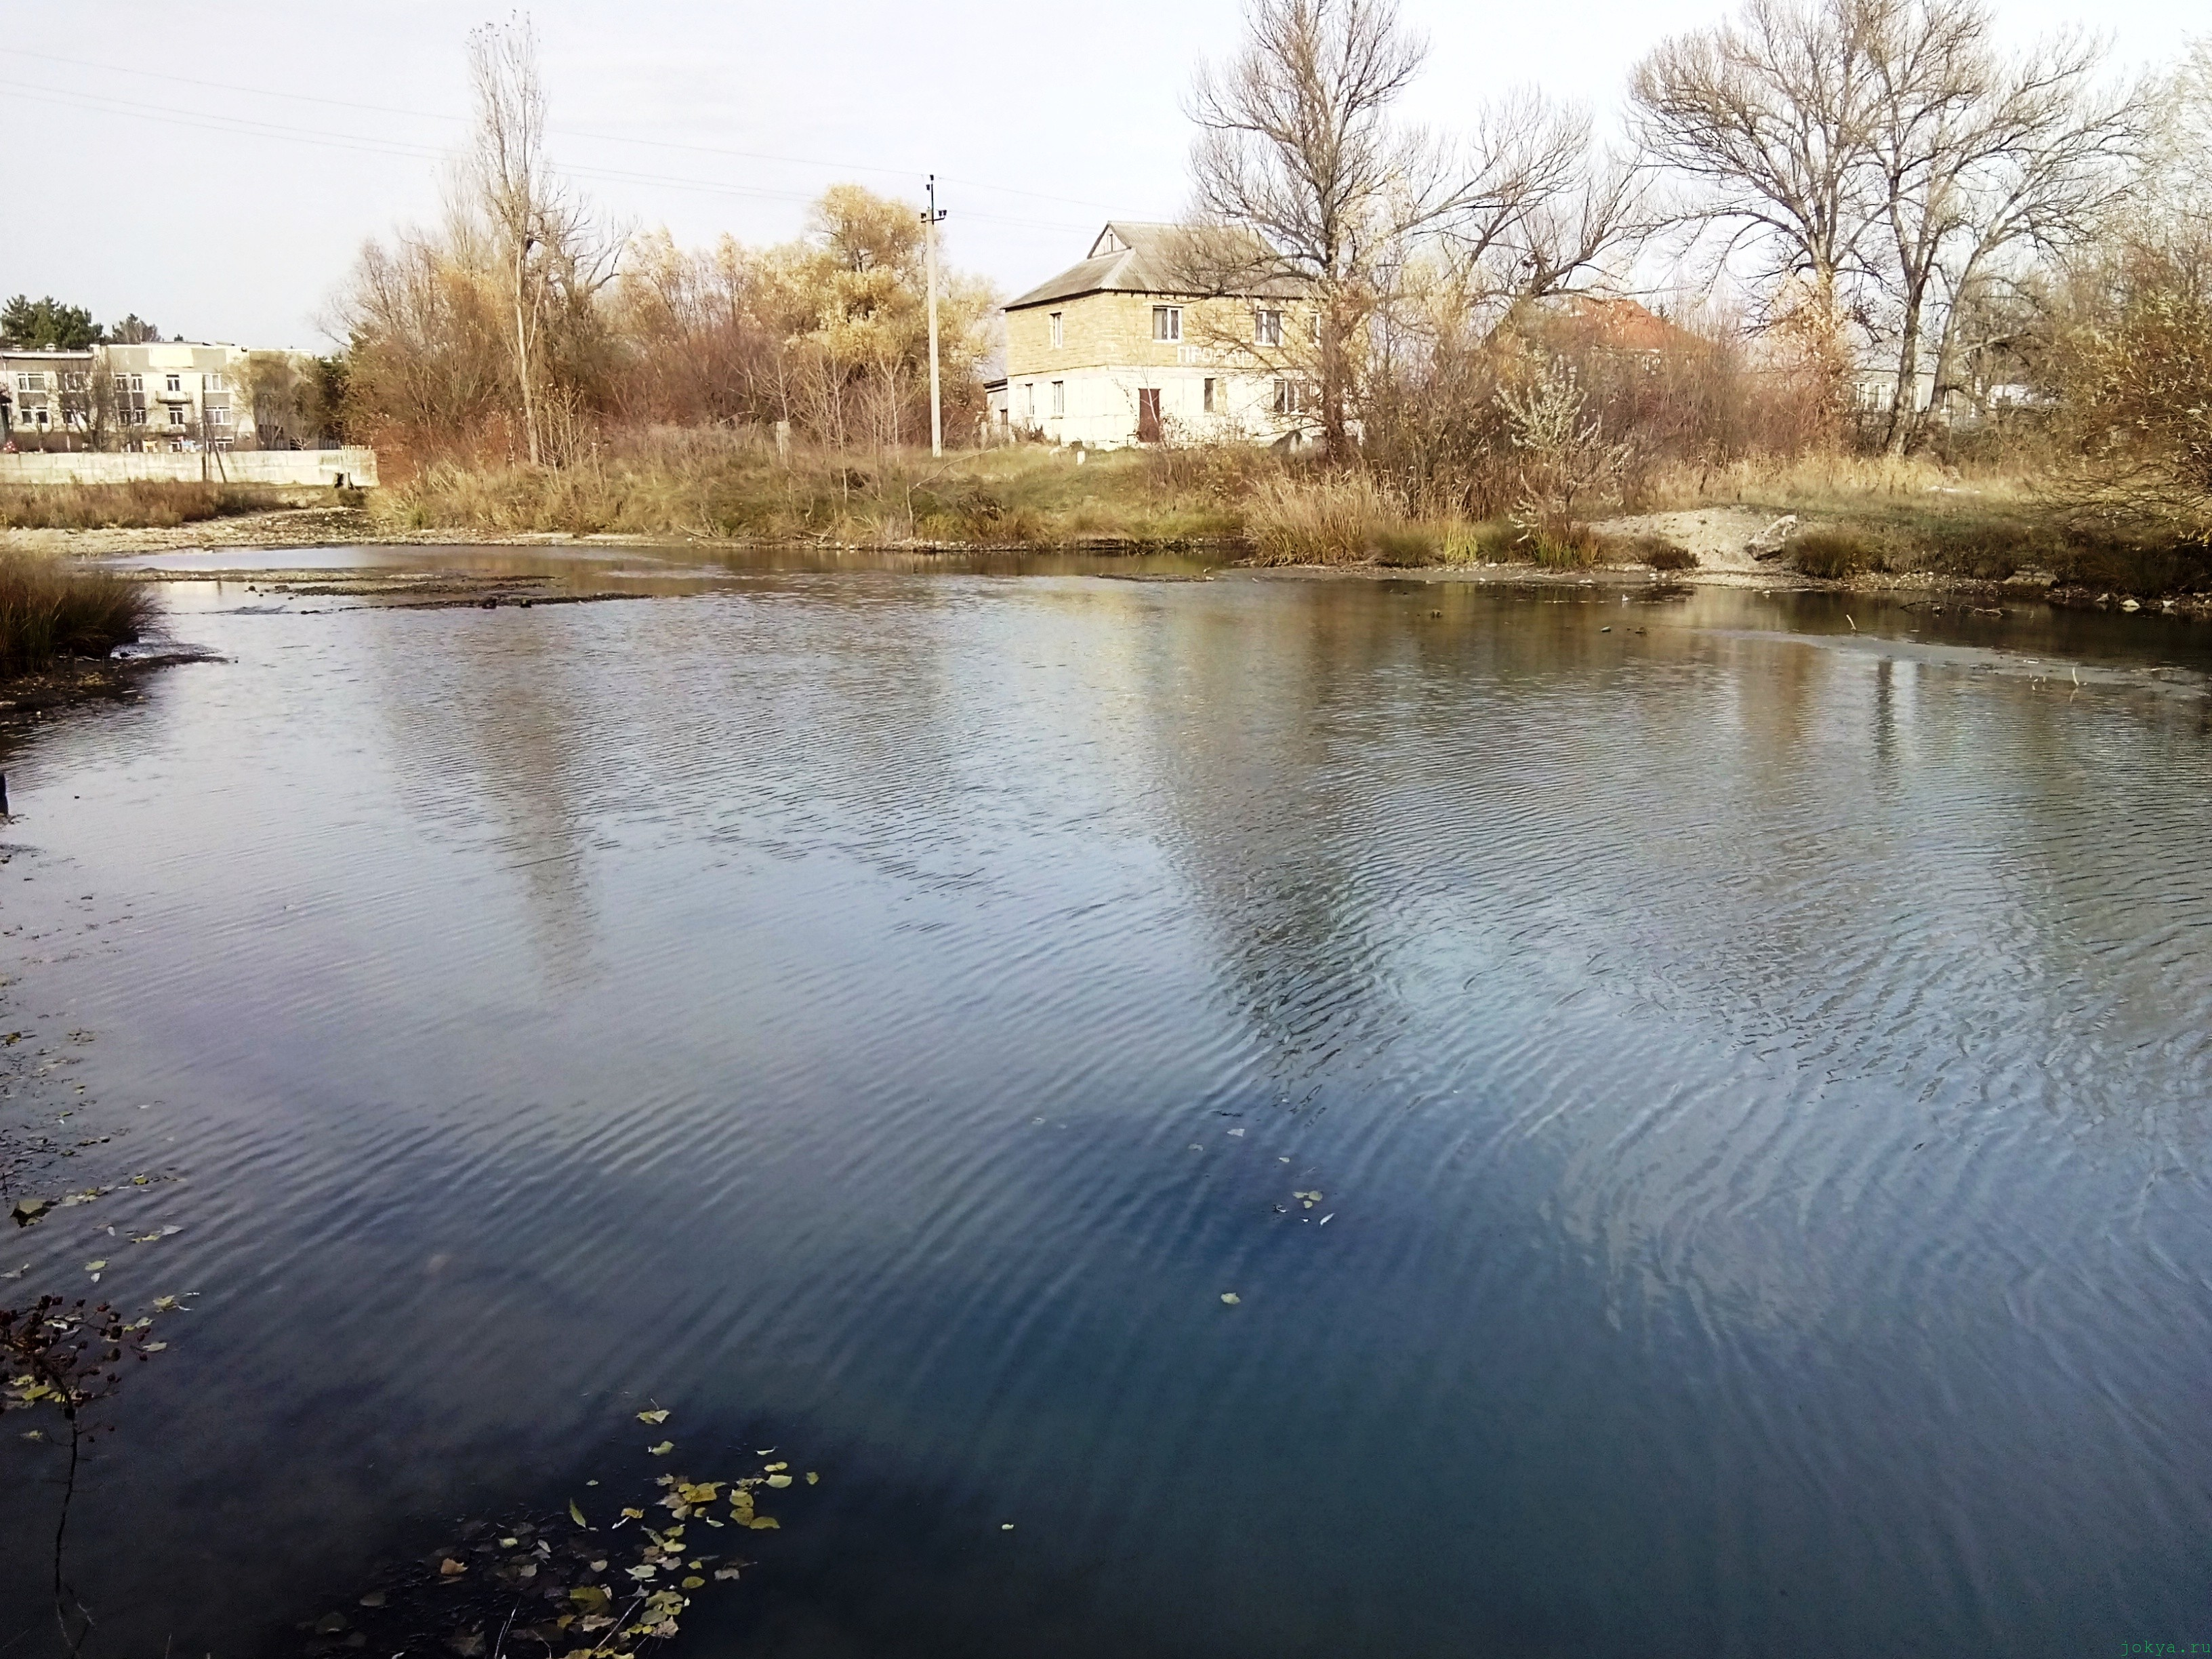 Ловля пескаря на опарыш на реке биюк-карасу фото заметка о моей реальности в Крыму jokya.ru